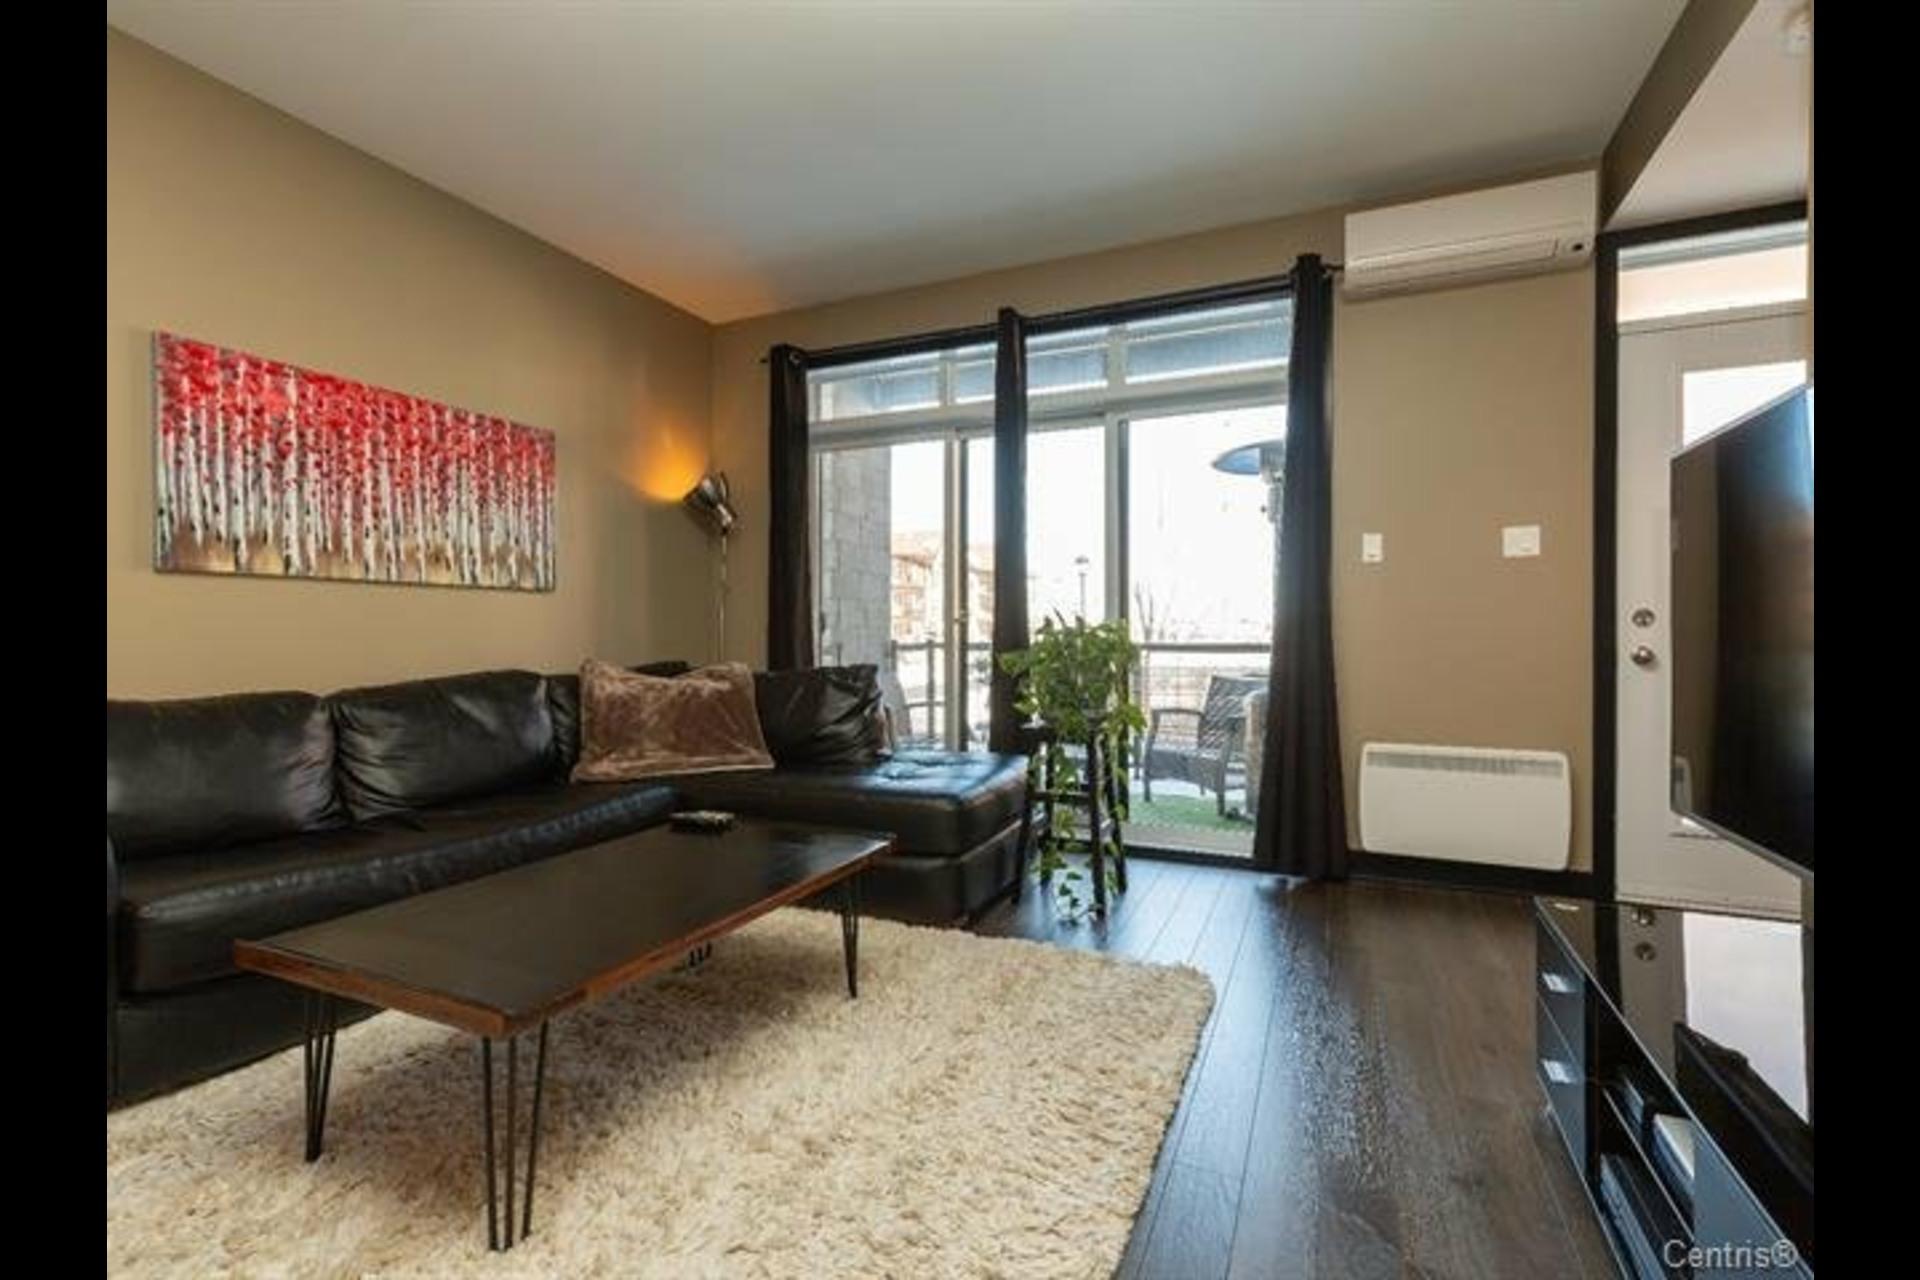 image 7 - Appartement À vendre Vaudreuil-Dorion - 6 pièces